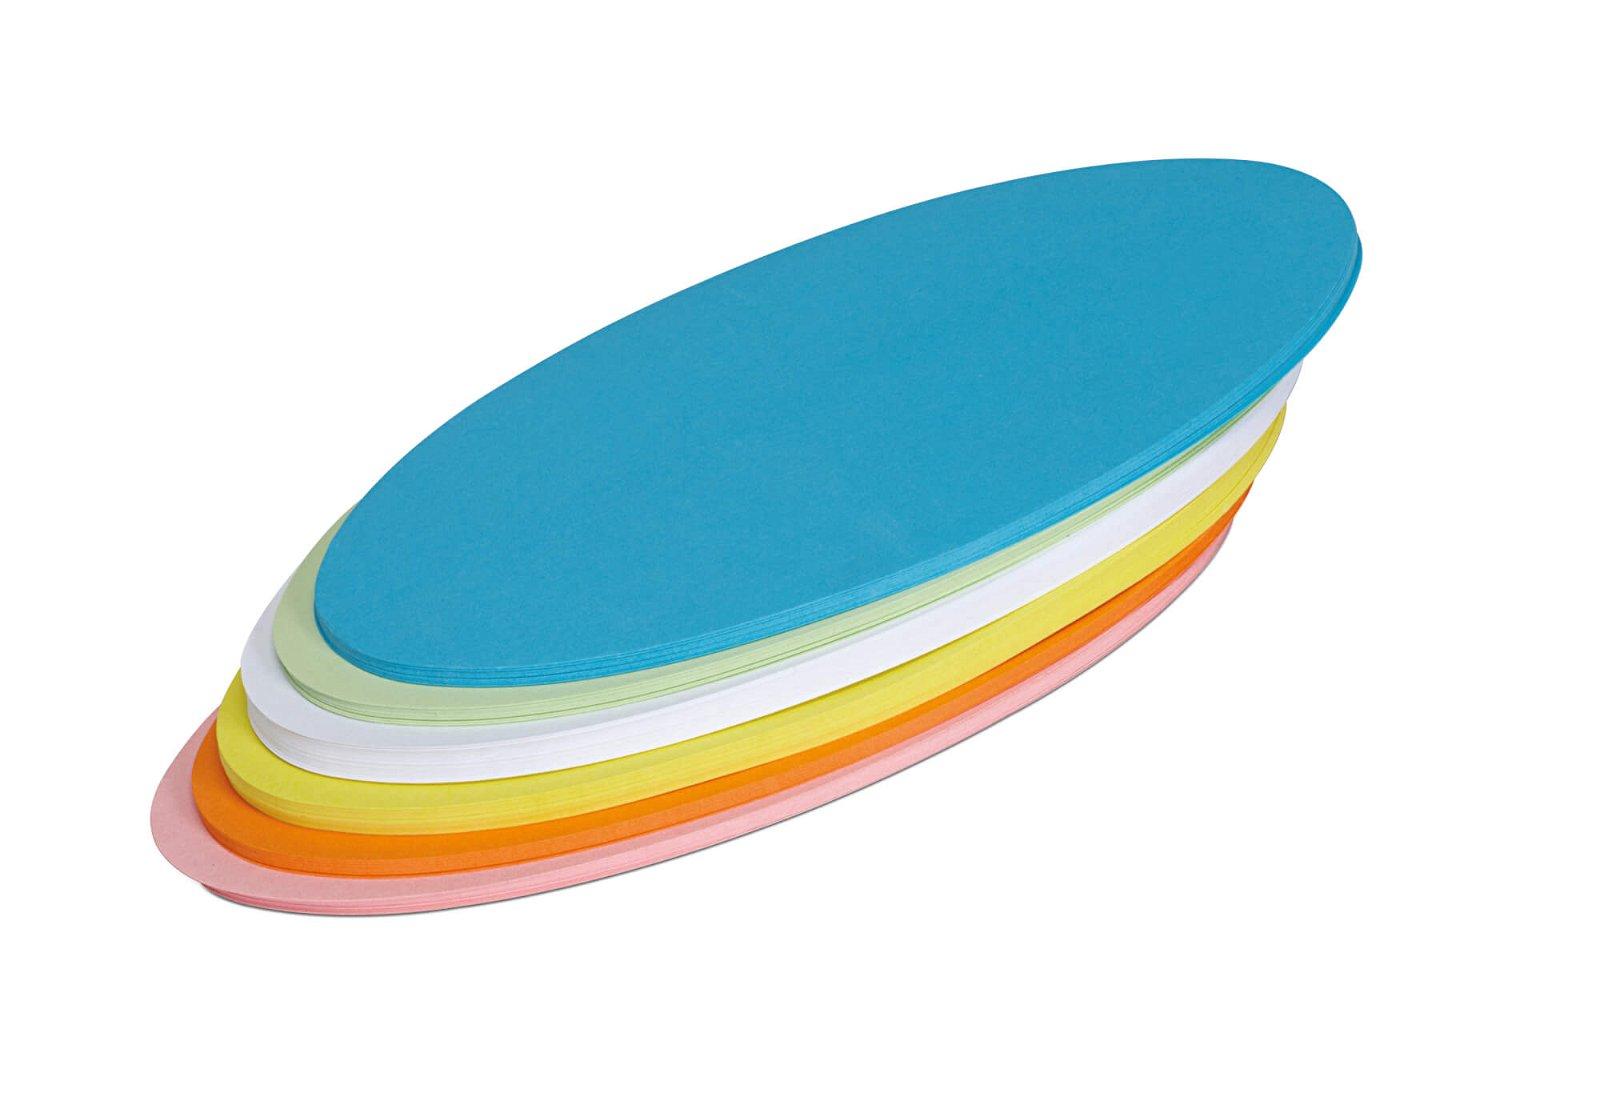 Moderationskarten oval, 11 x 19 cm, 120 St./Pack, farbig sortiert